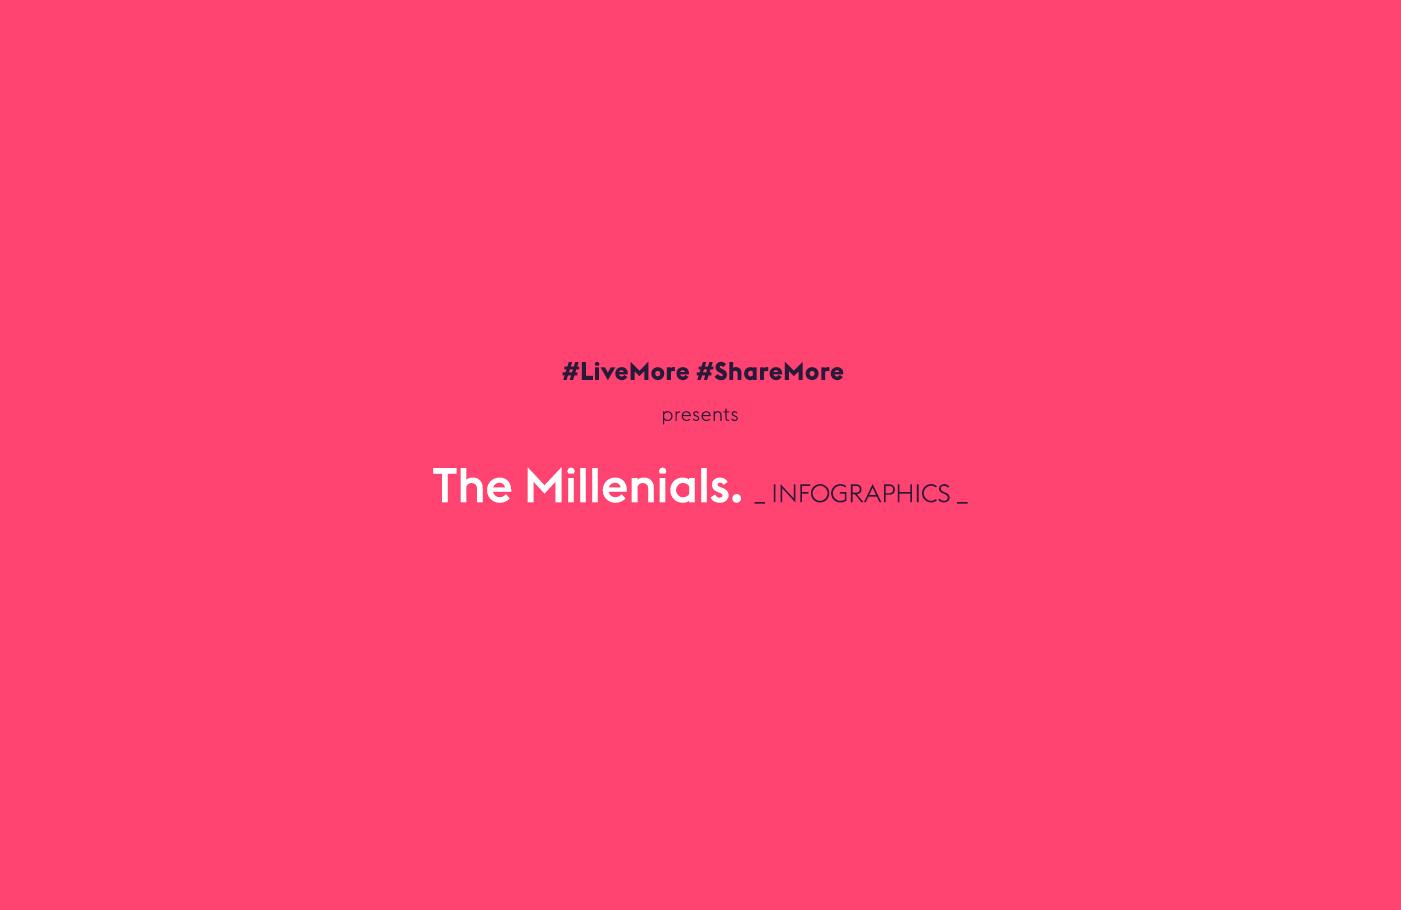 Millenials-infographics-header.jpg